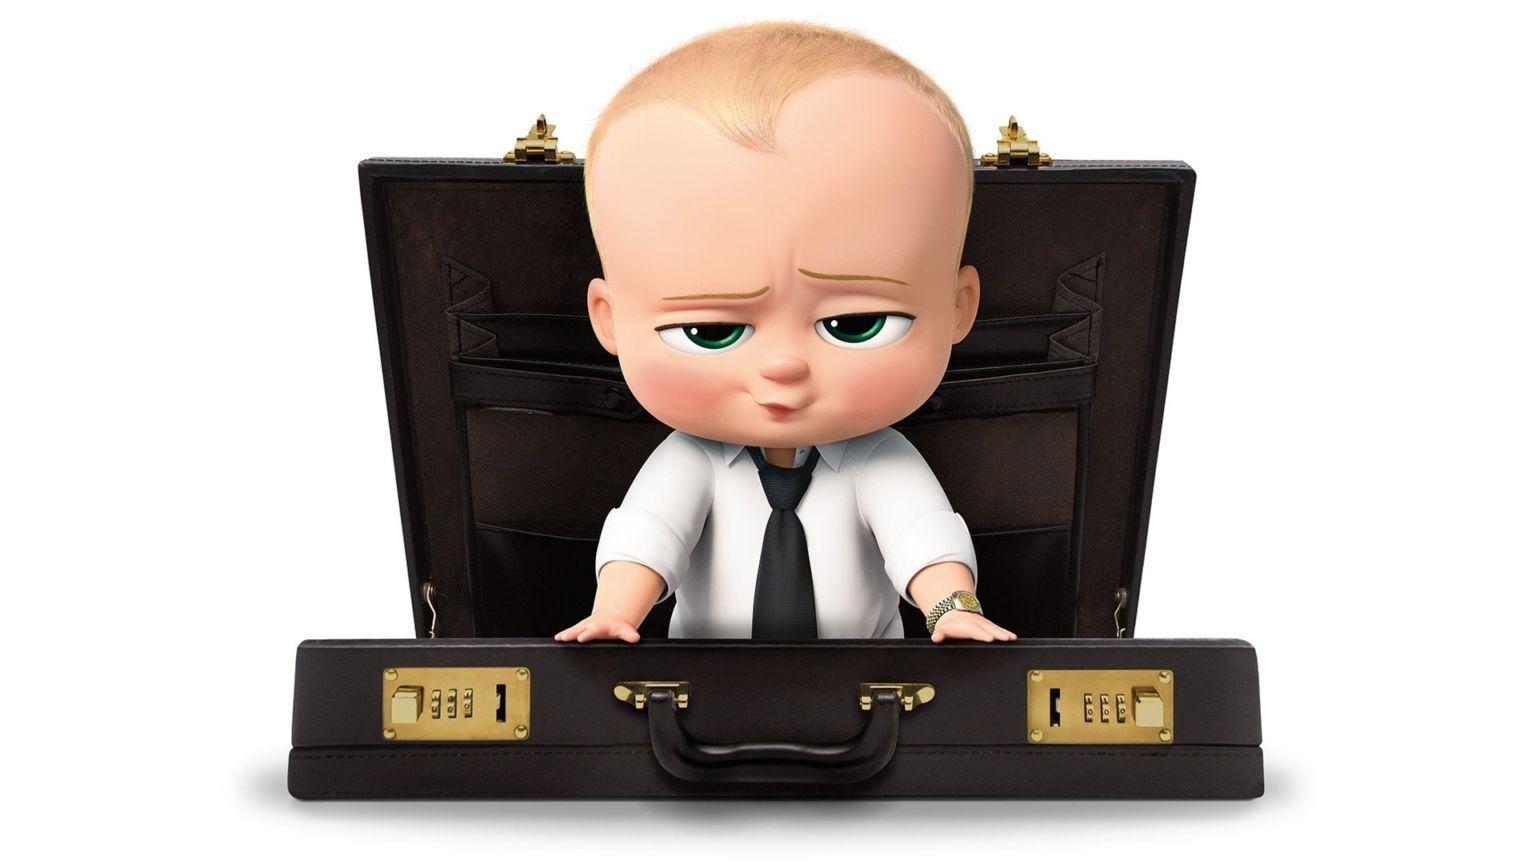 দেখুন জনপ্রিয় অ্যানিমেটেড মুভি The Boss Baby হিন্দি ডাবিং ও বাংলা সাবটাইটেল এ!